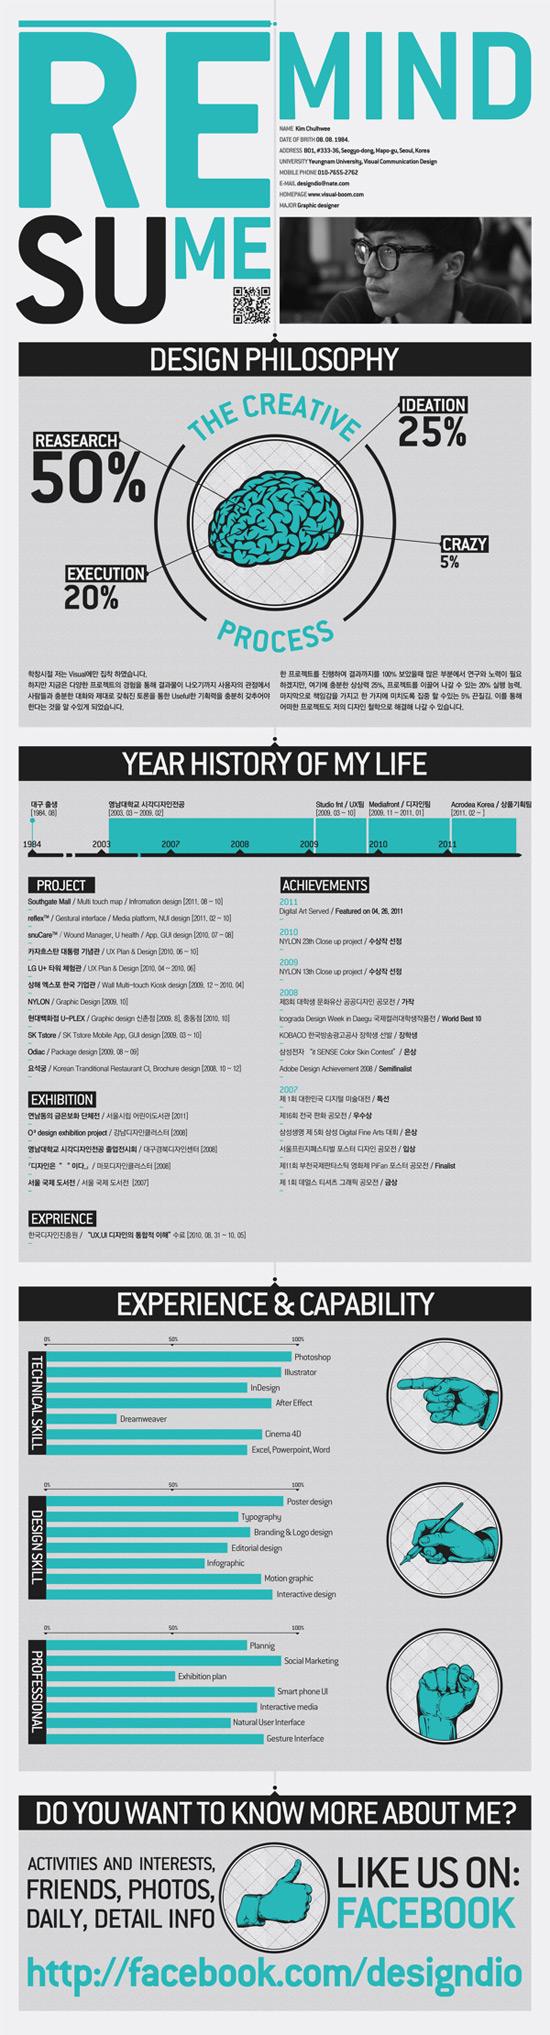 creative-resume-10